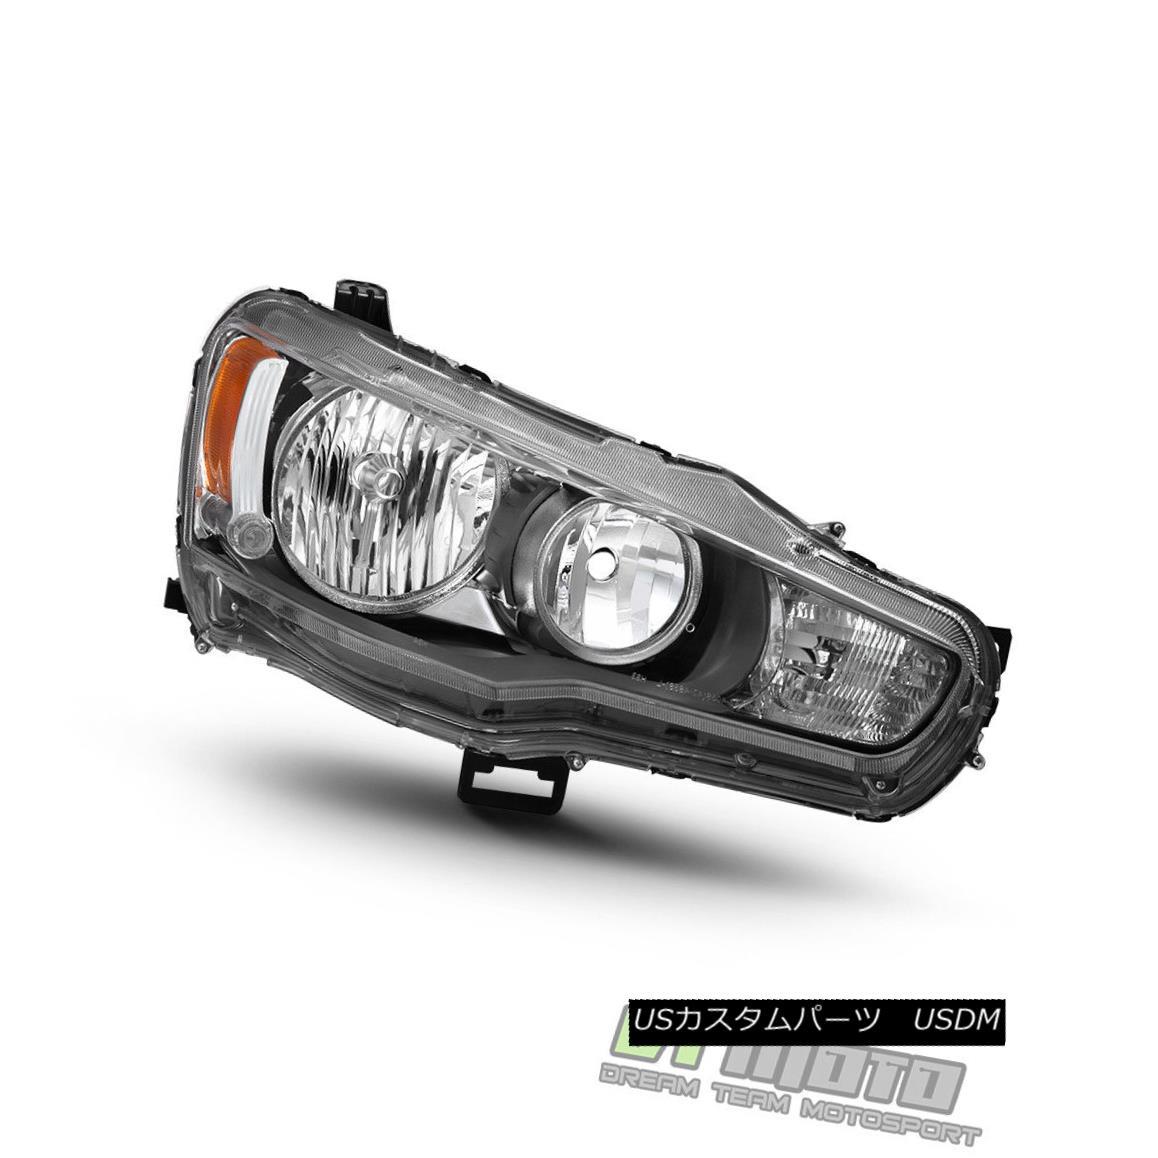 ヘッドライト 2008-2017 Mitsubishi Lancer EVO X Headlight Headlamp Replacement Passenger Side 2008-2017三菱ランサーEVO Xヘッドライトヘッドランプ交換乗客側